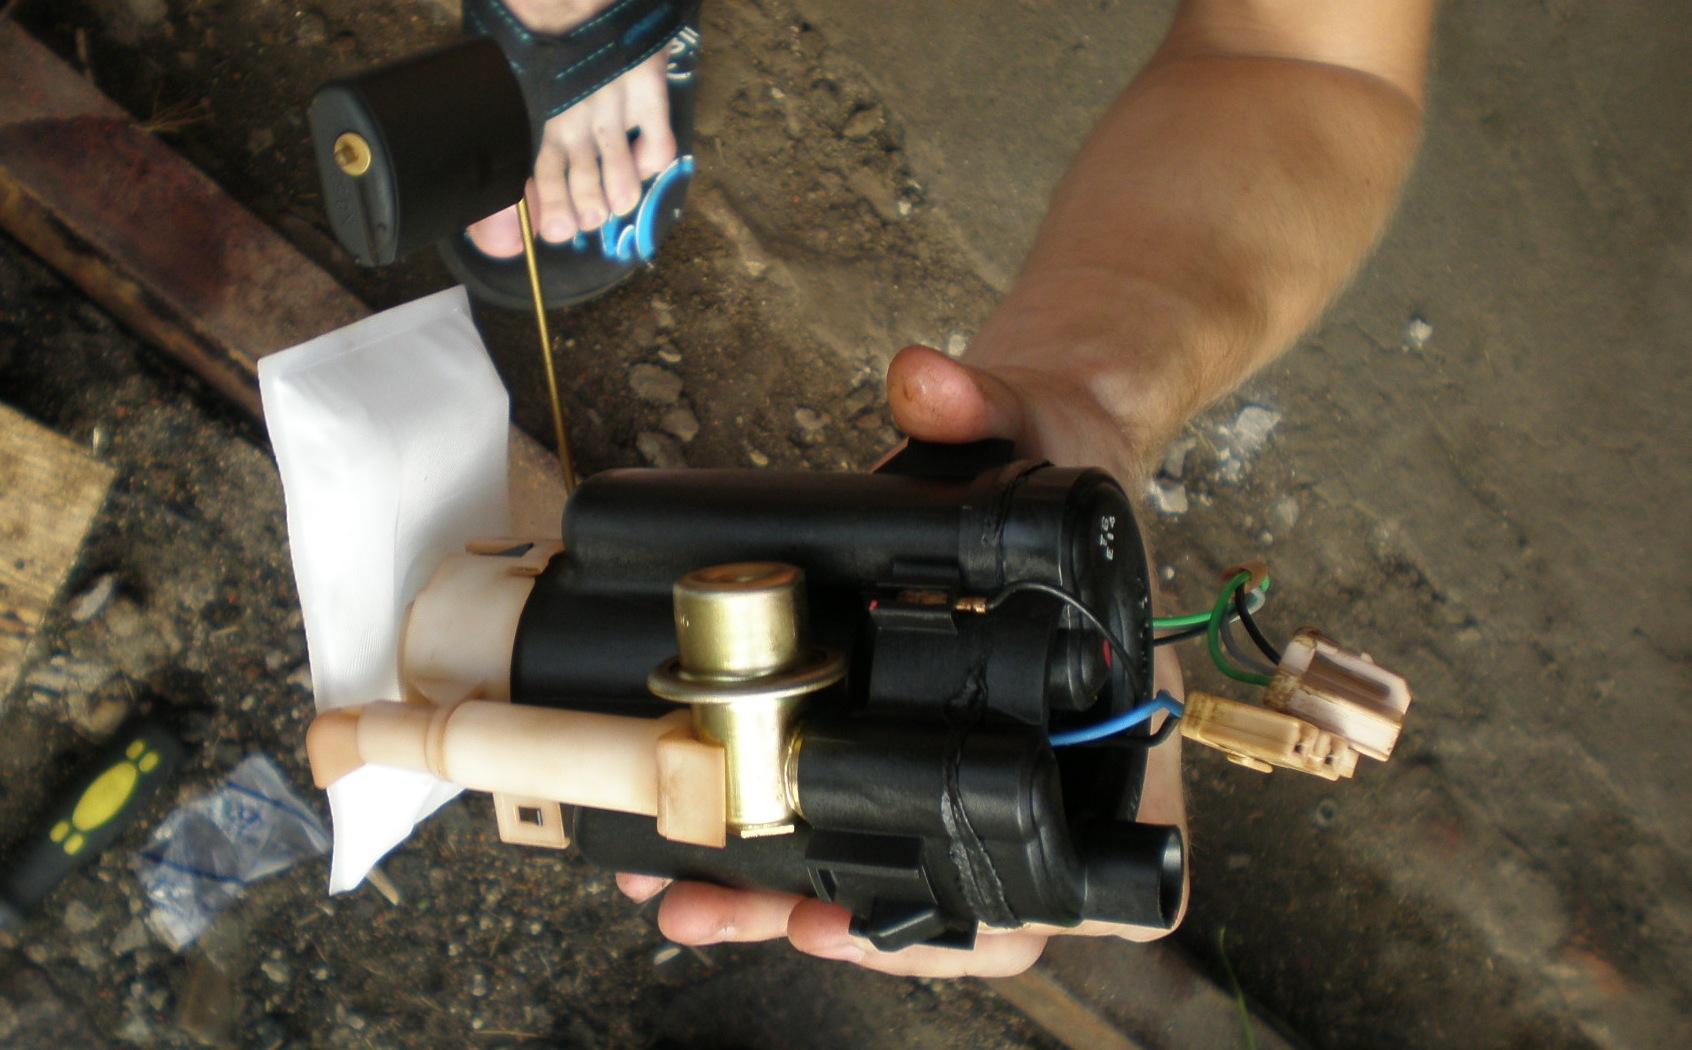 Топливный фильтр на гетце где находится